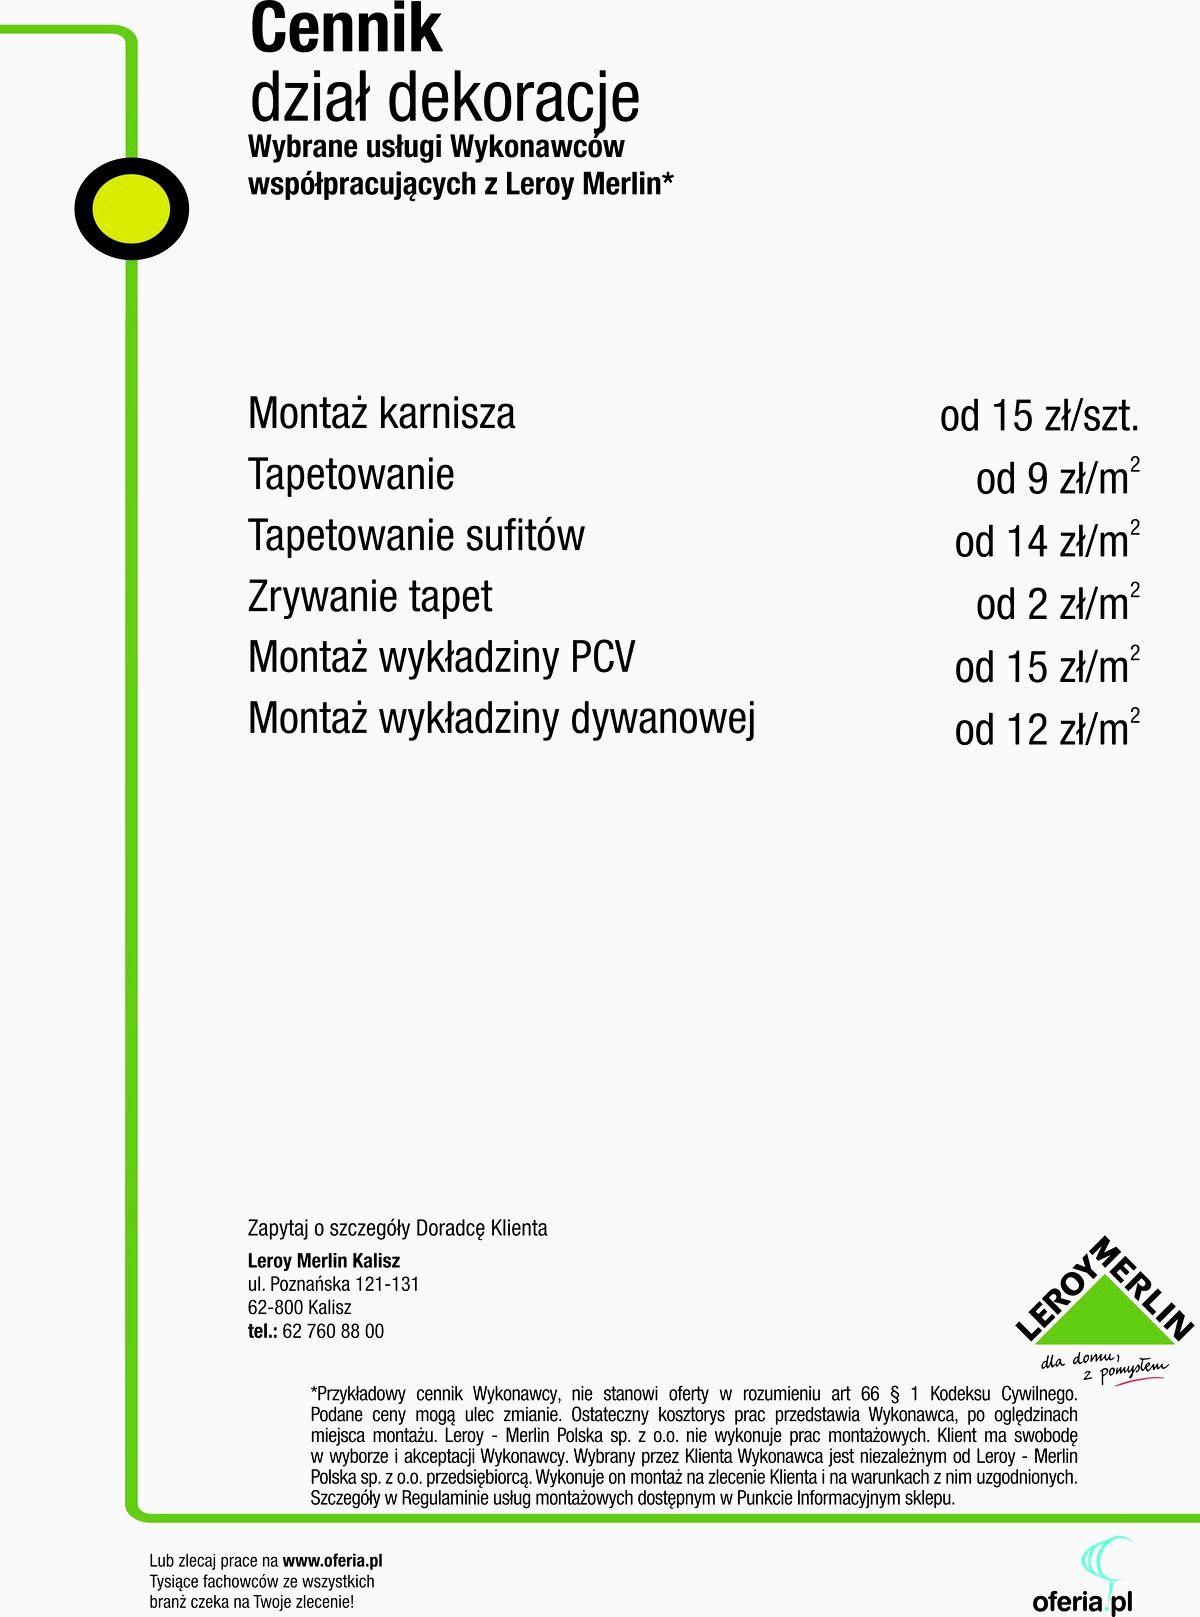 Desinfection Punaise De Lit Prix Meilleur De Housse Anti Punaise De Lit Auchan Auchan Lit Mezzanine